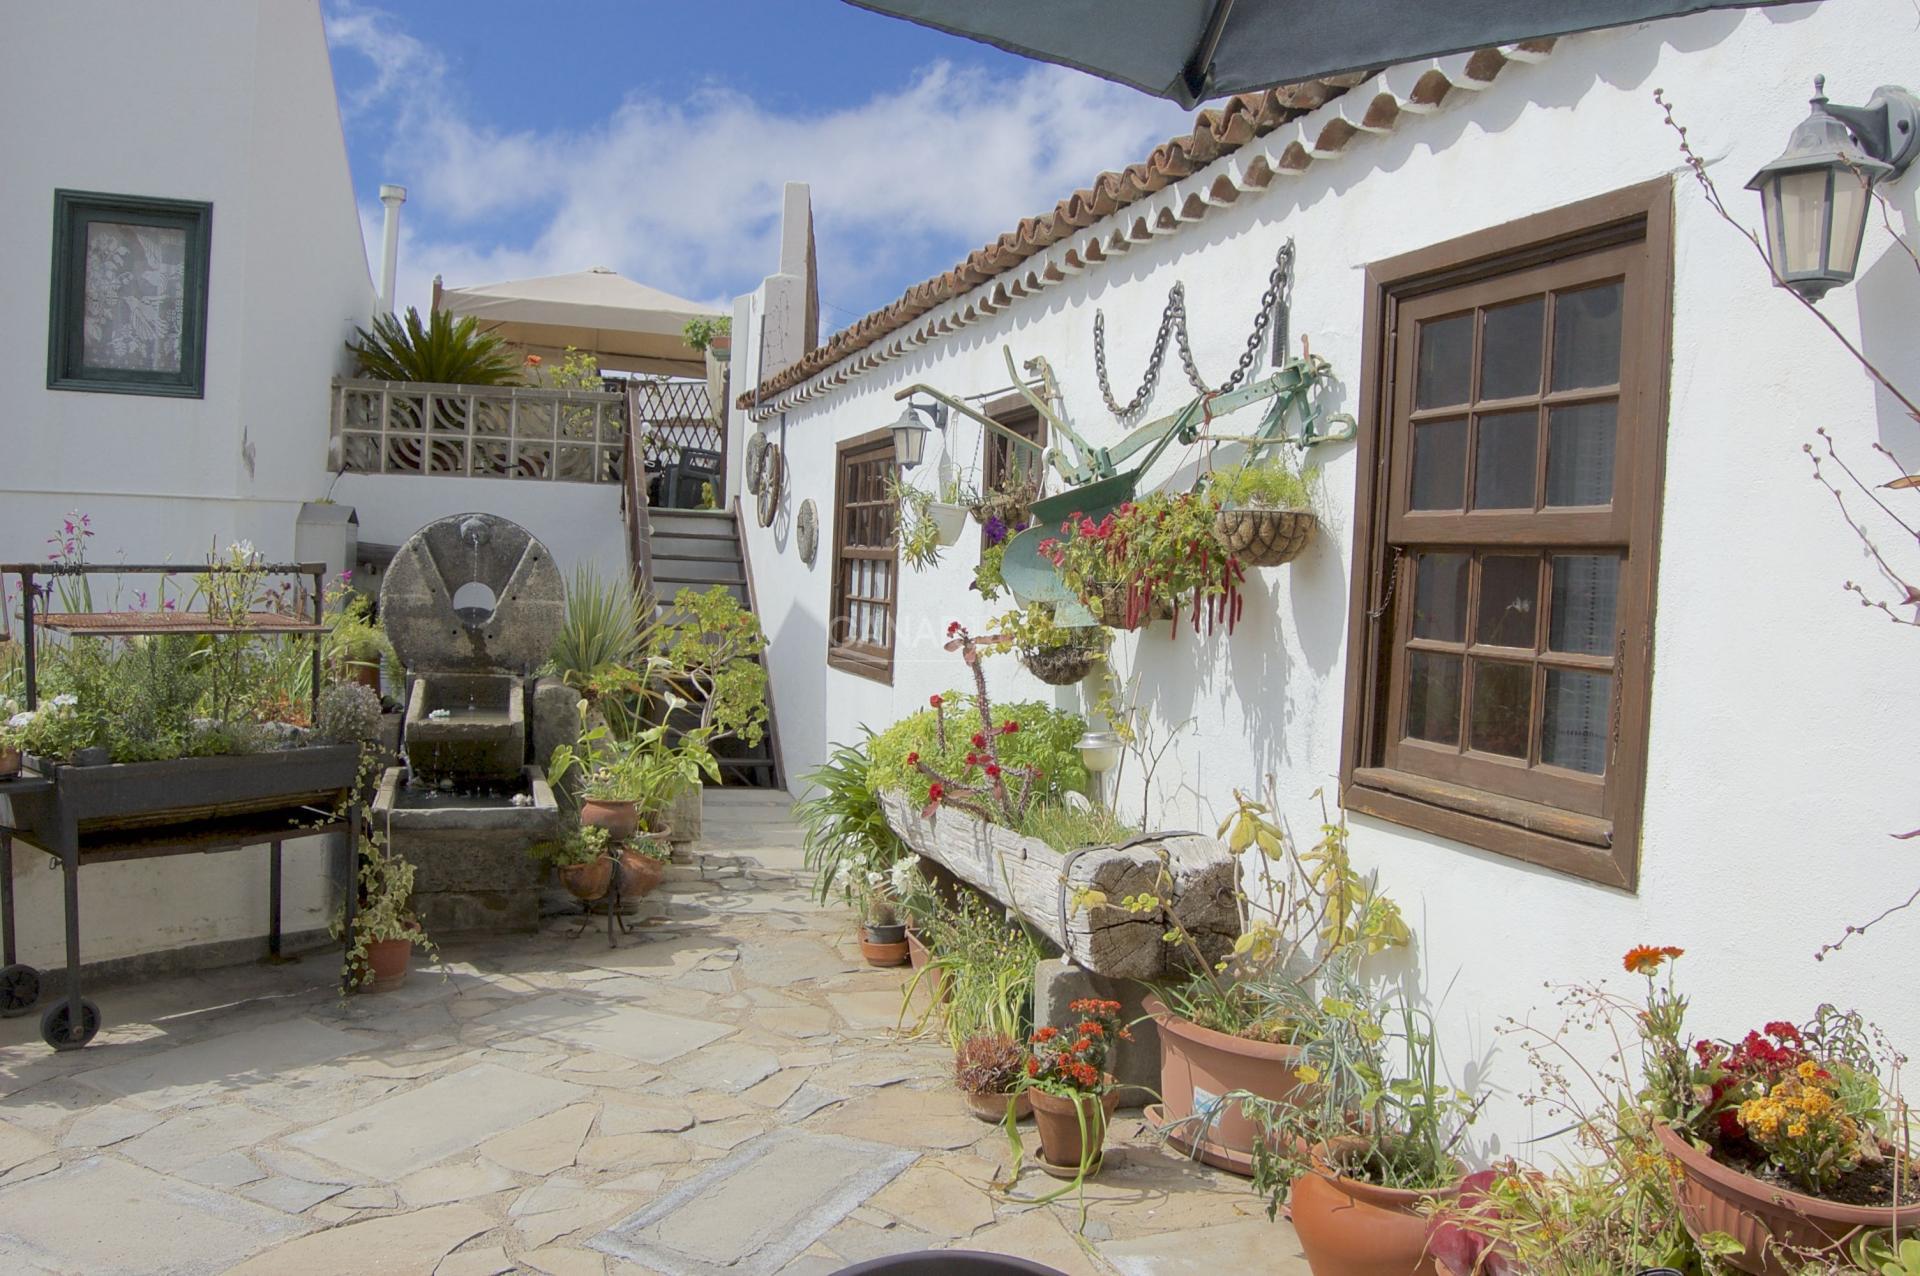 Casa rural patio del naranjo 2 casas rurales en tenerife - Patios rurales ...